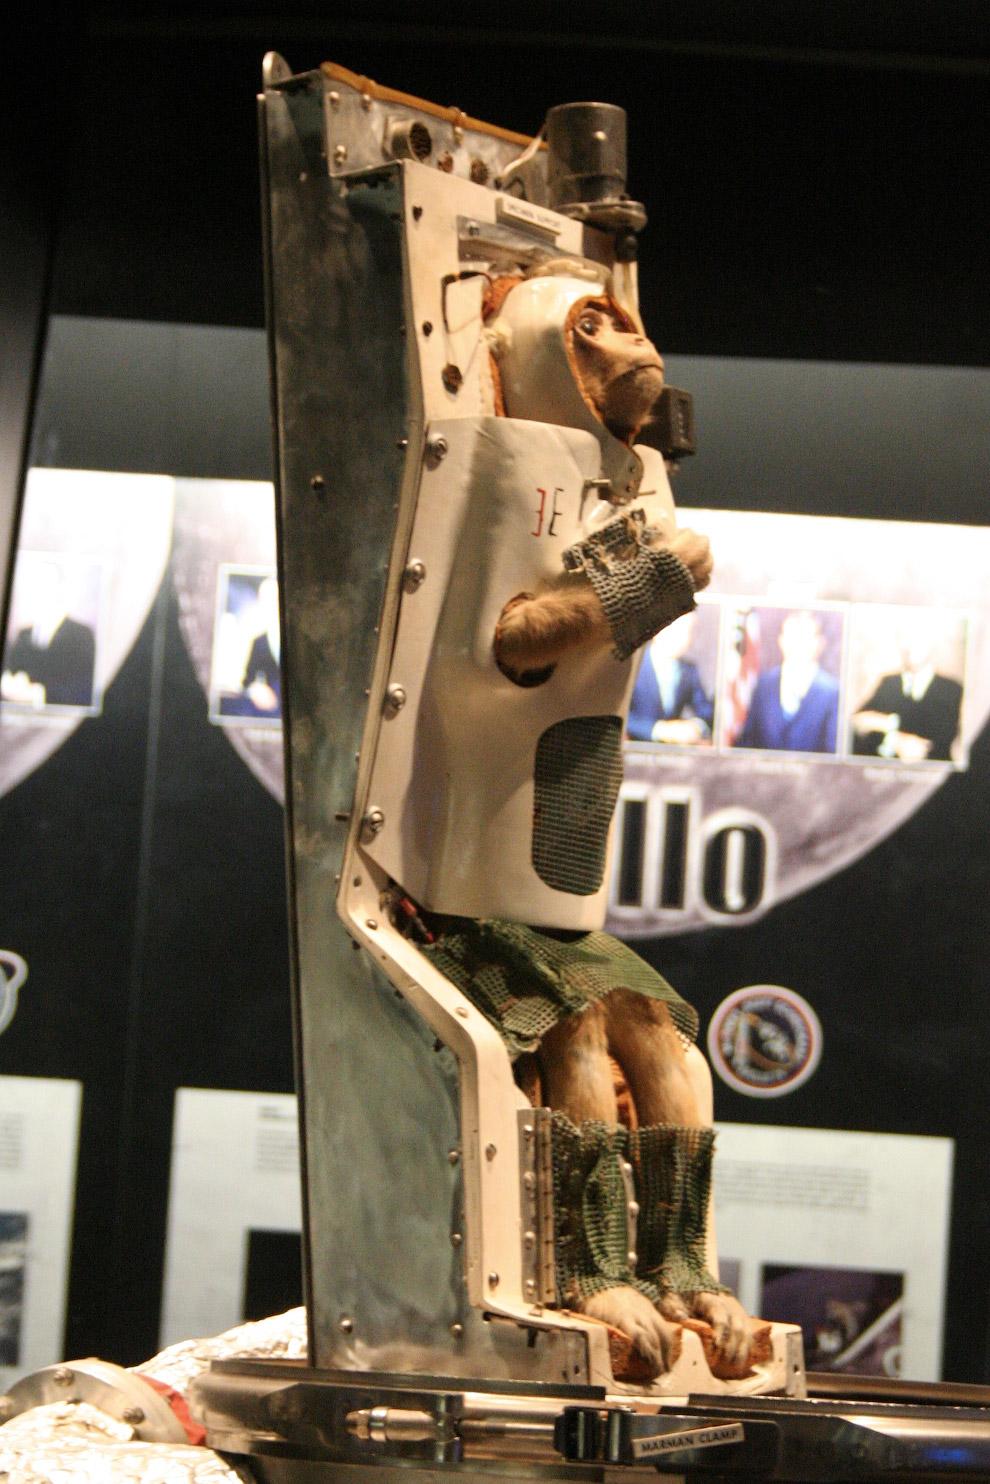 Чучело Эйбл выставлено в Национальном музее воздухоплавания и космоса Смитсоновского института